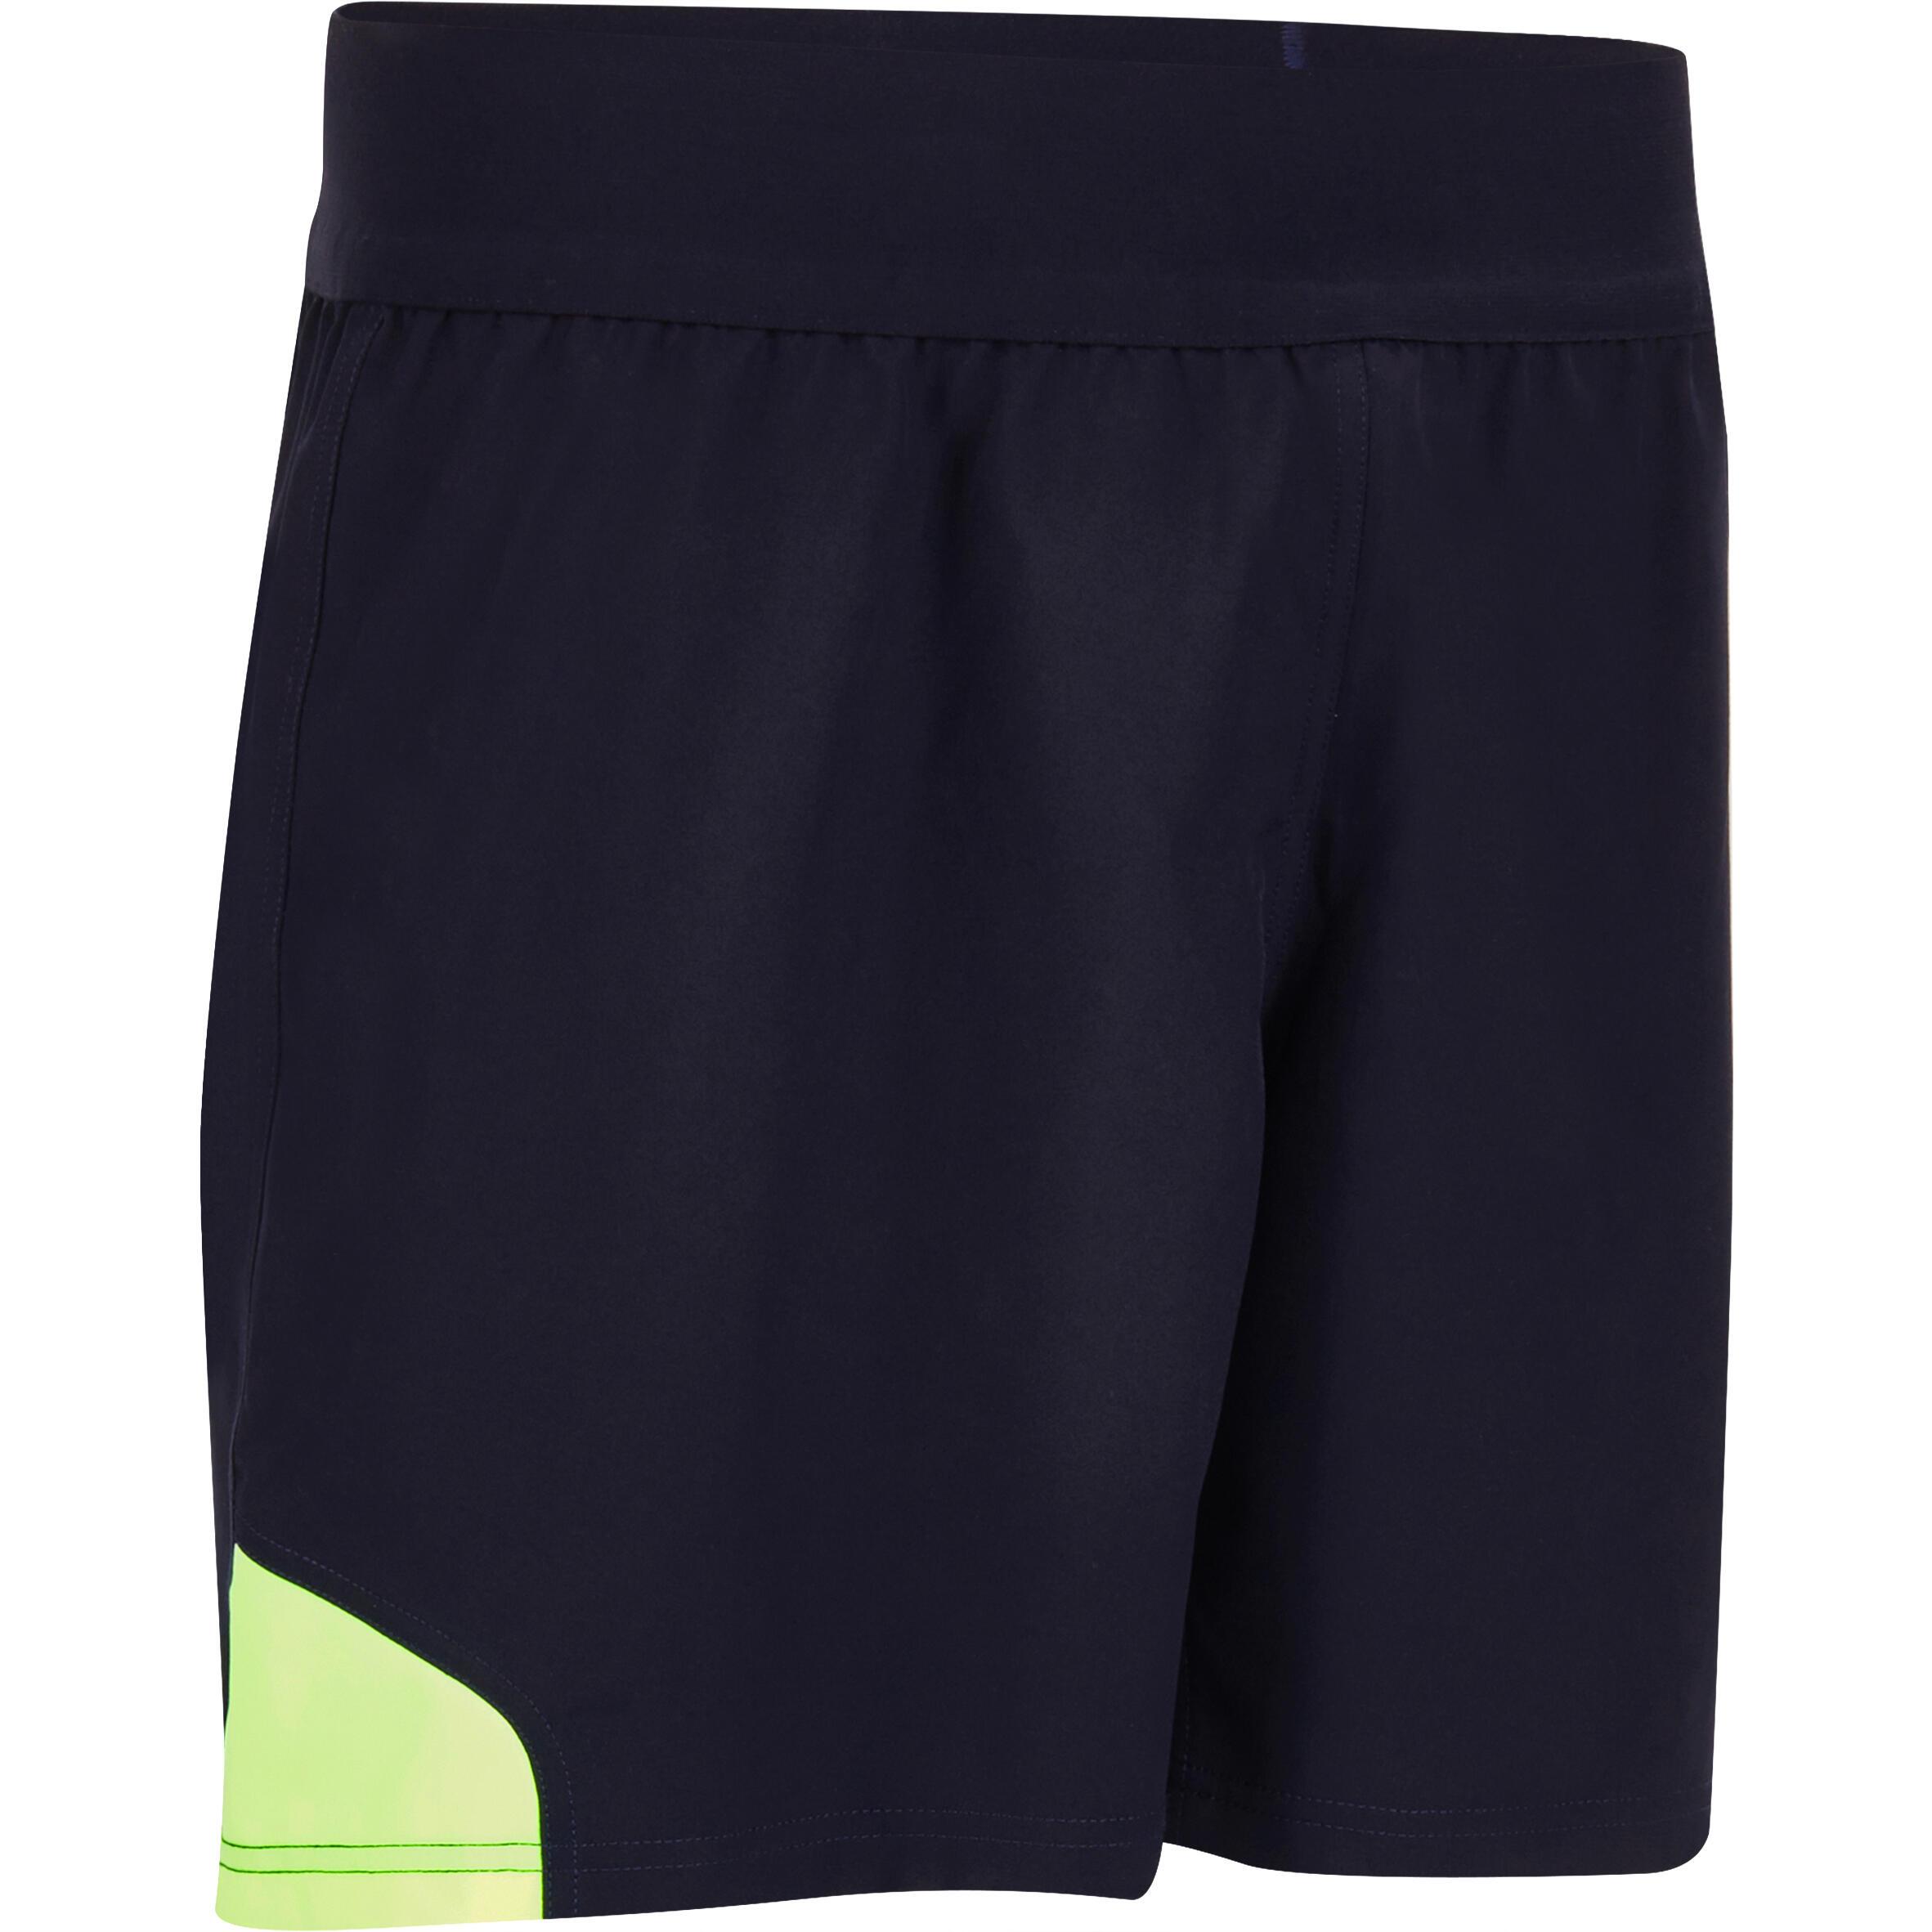 les ventes chaudes grosses soldes acheter authentique Shorts de Sport Homme | Decathlon